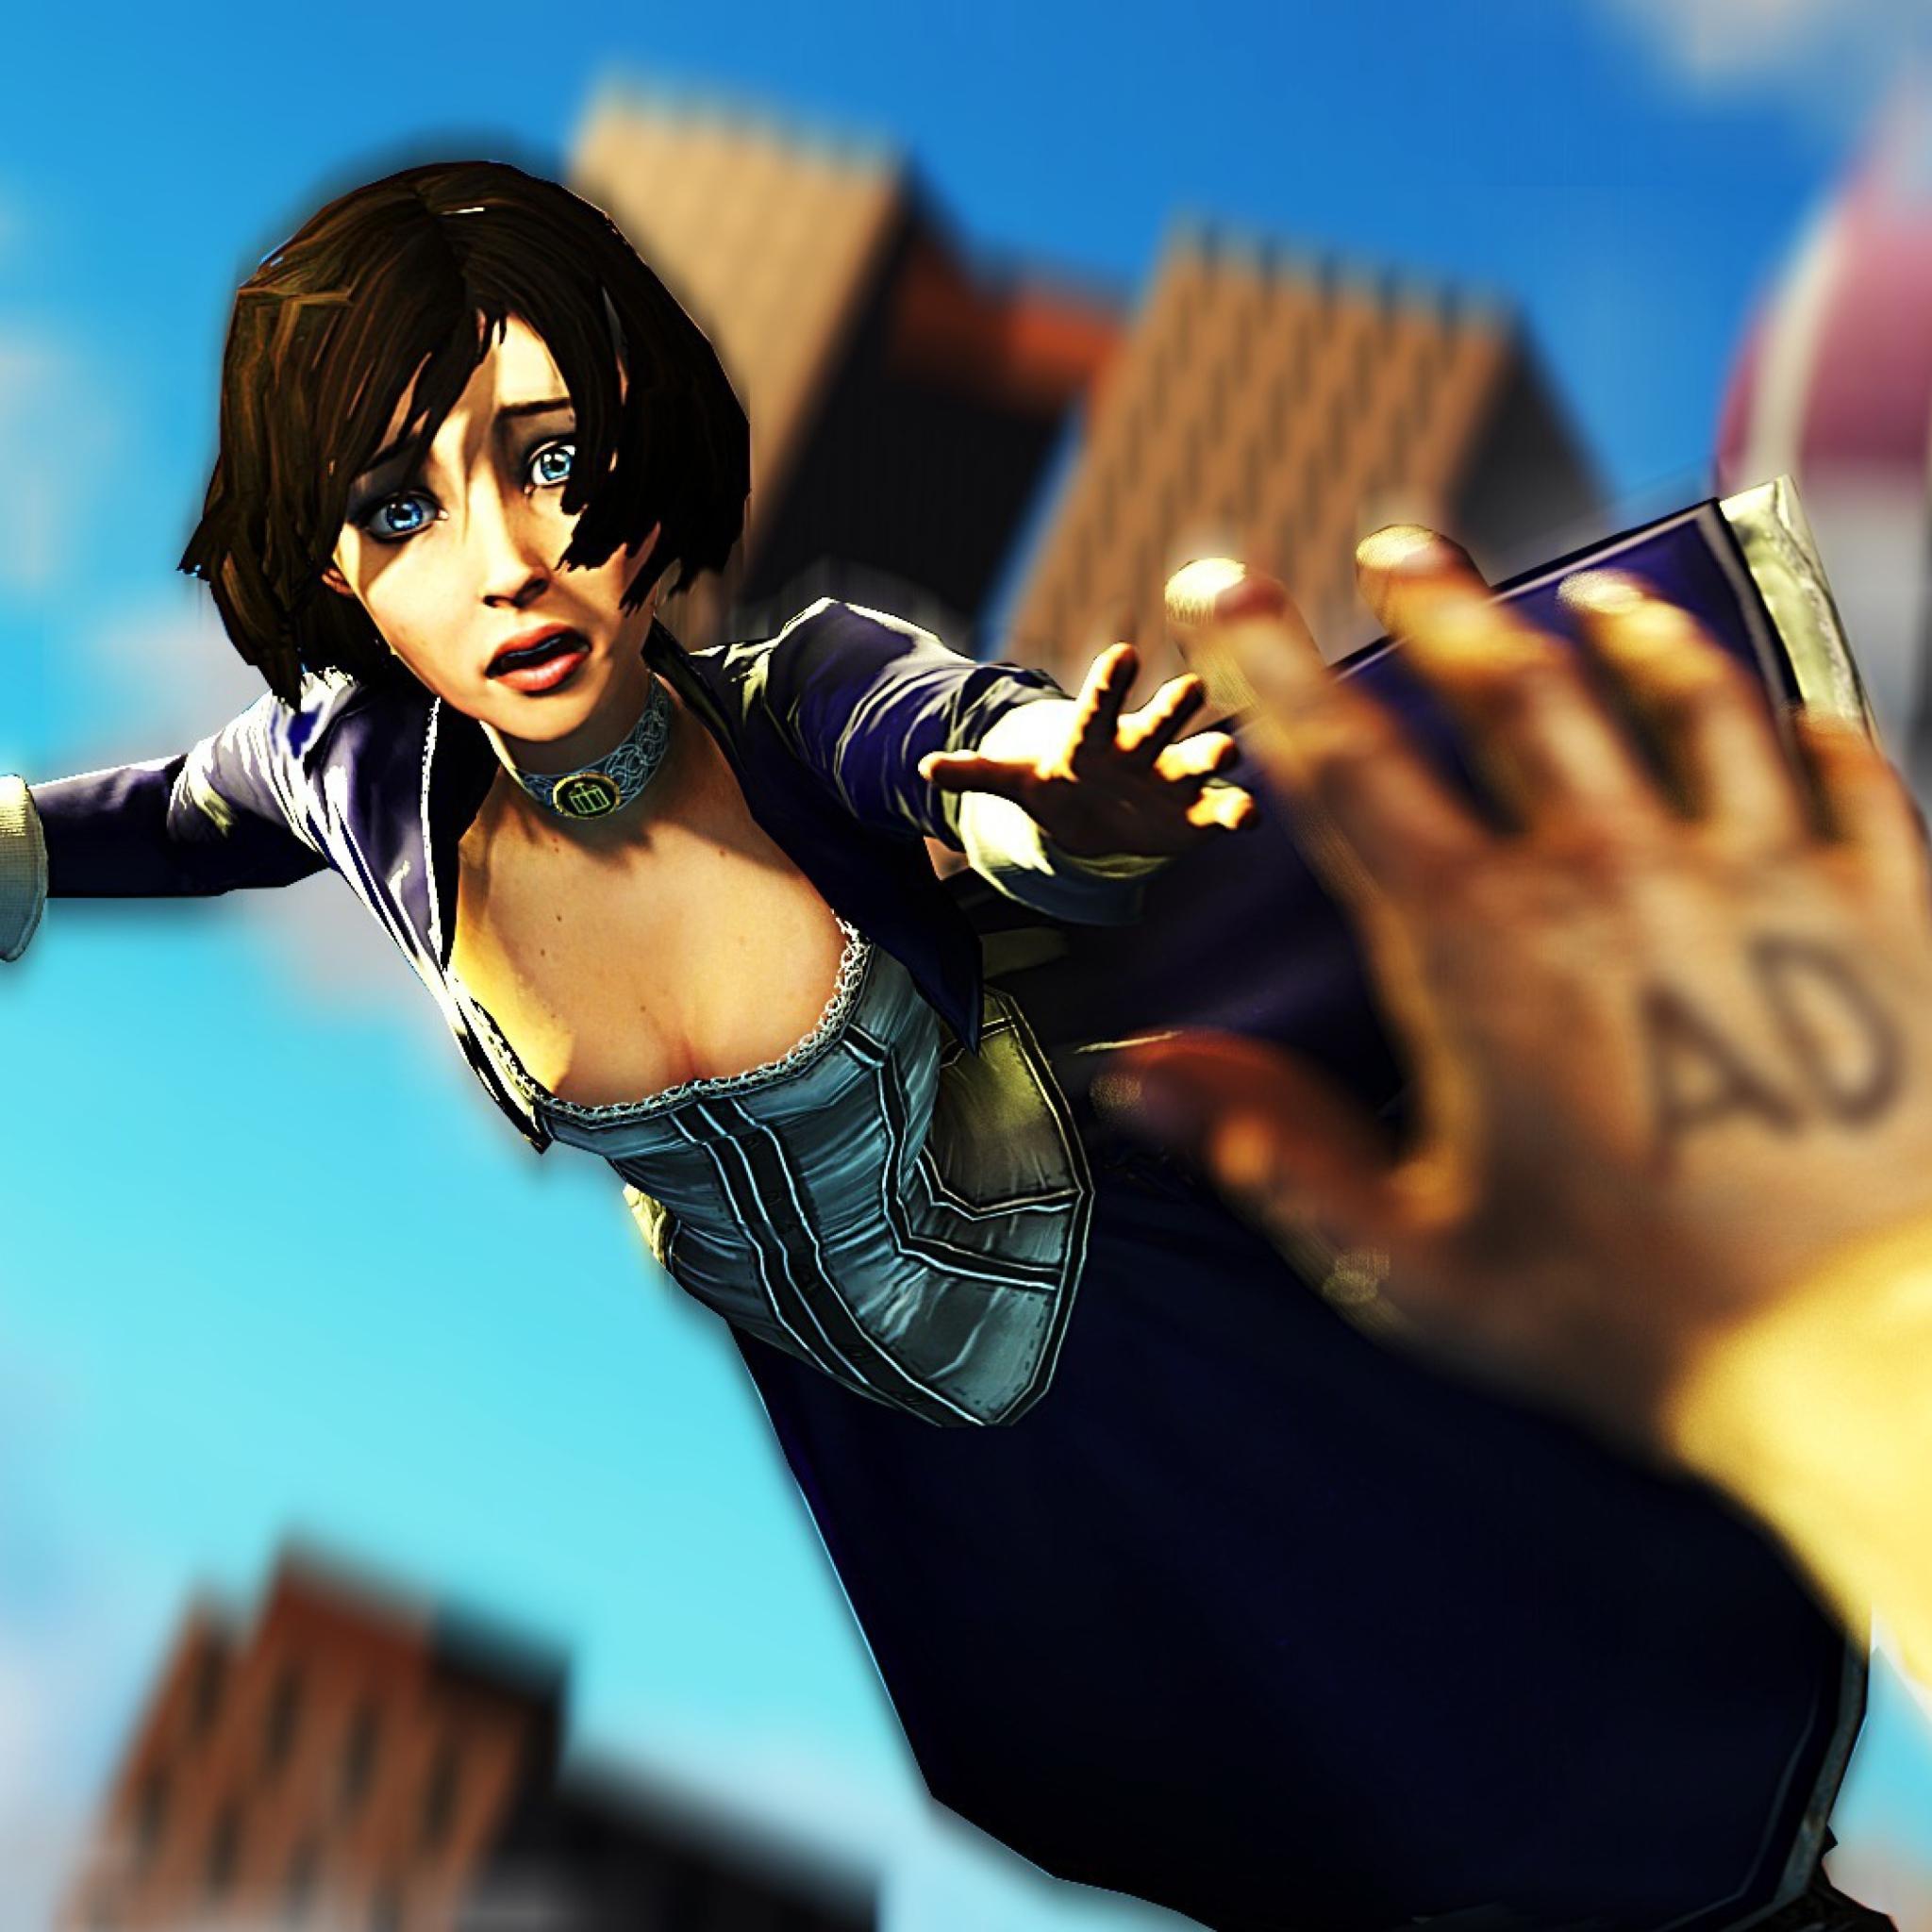 картинки на айфон из игры биошок сша